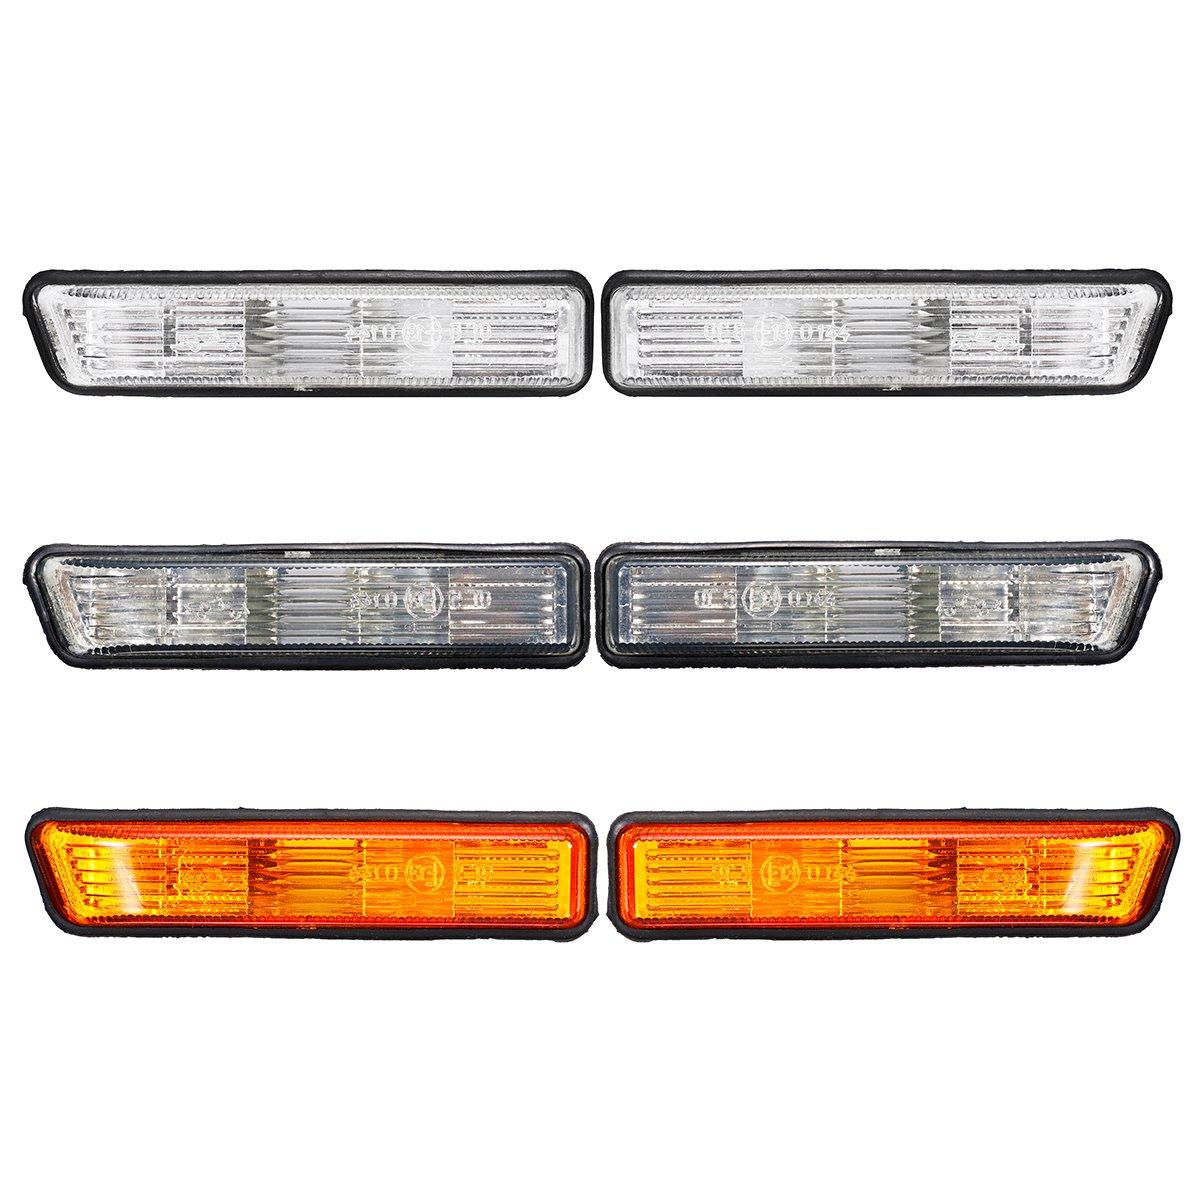 Пара Сторона Маркерные огни Поворот Лампа Обложка для BMW E36 1997-1999 X5 2000-2006 - 1TopShop